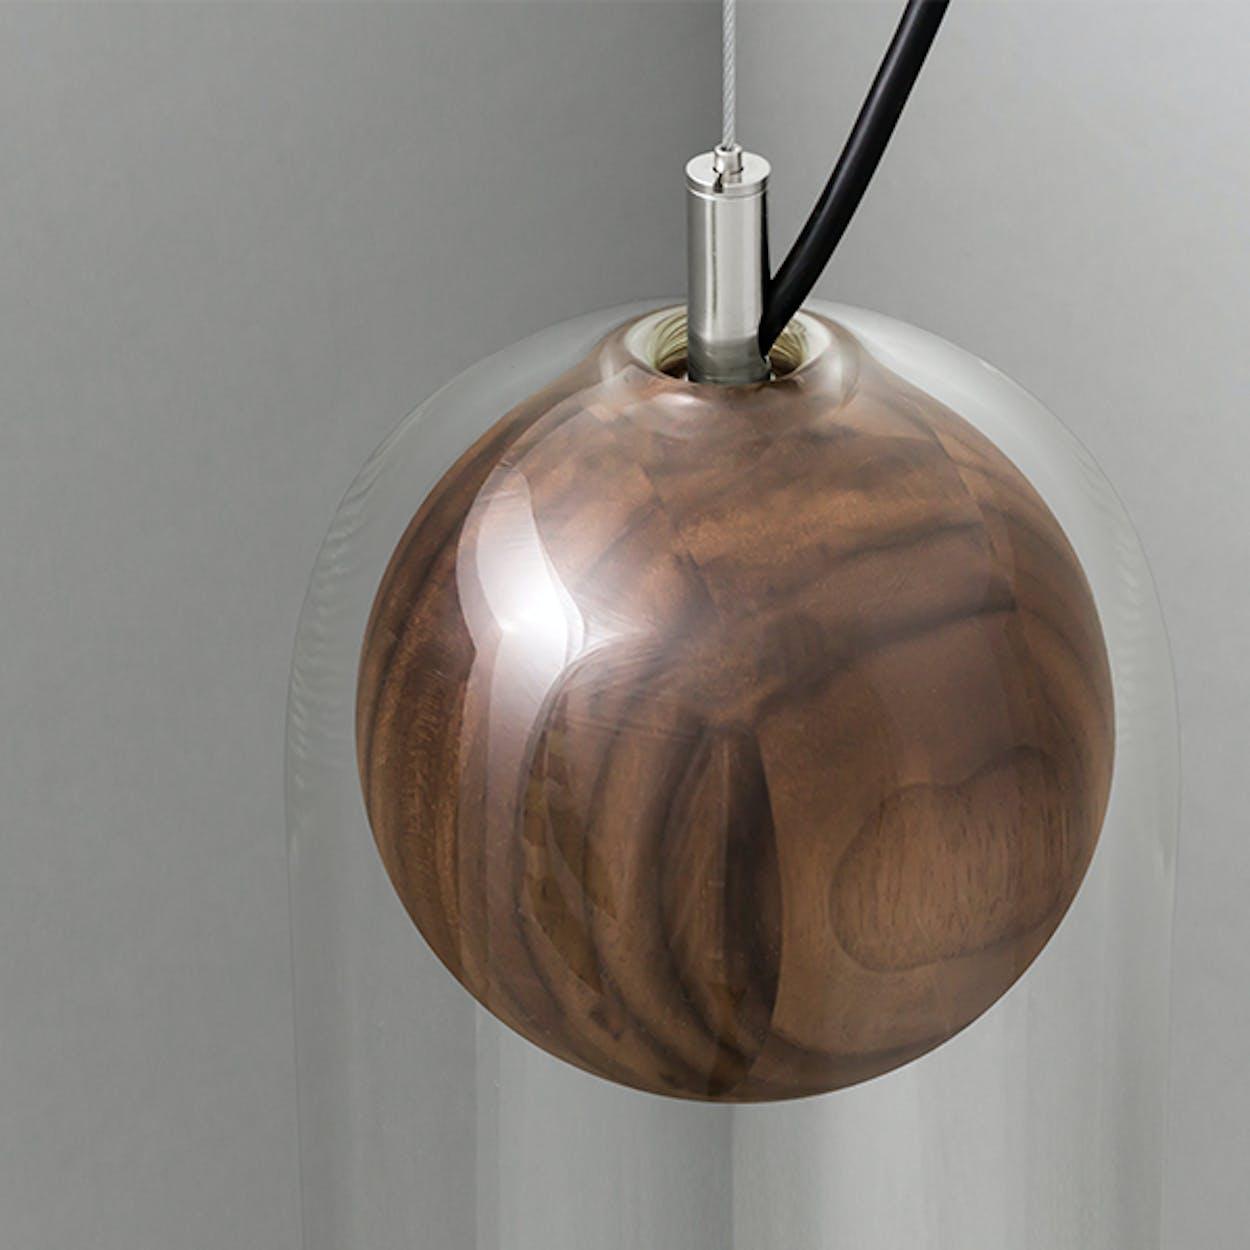 Cloak Pendant Light in Walnut